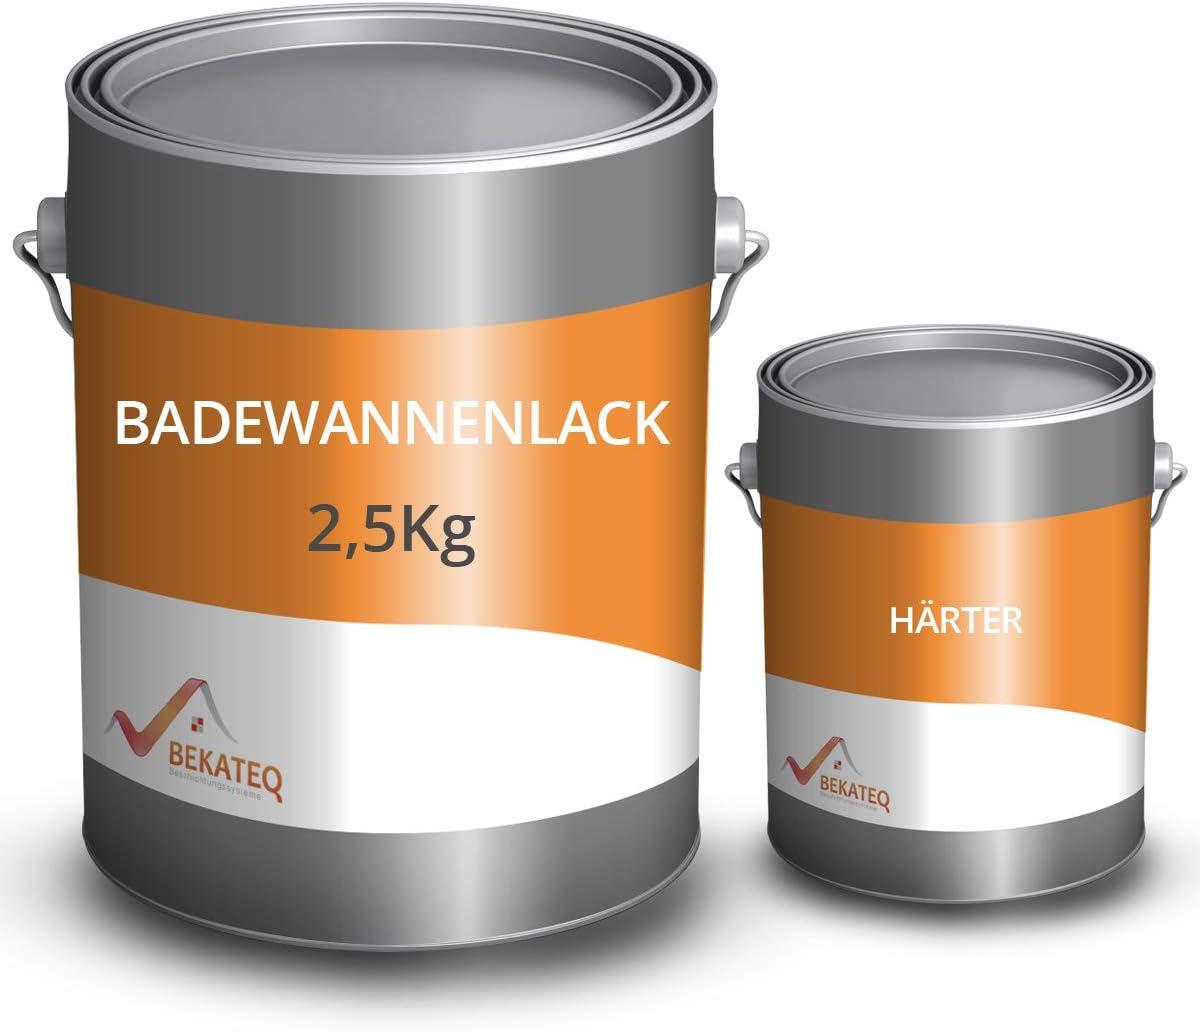 Bekateq 2k Badewannenlack Ls 410 Grundierung Und Decklack Ral9010 Weiss 2 5kg Baumarkt